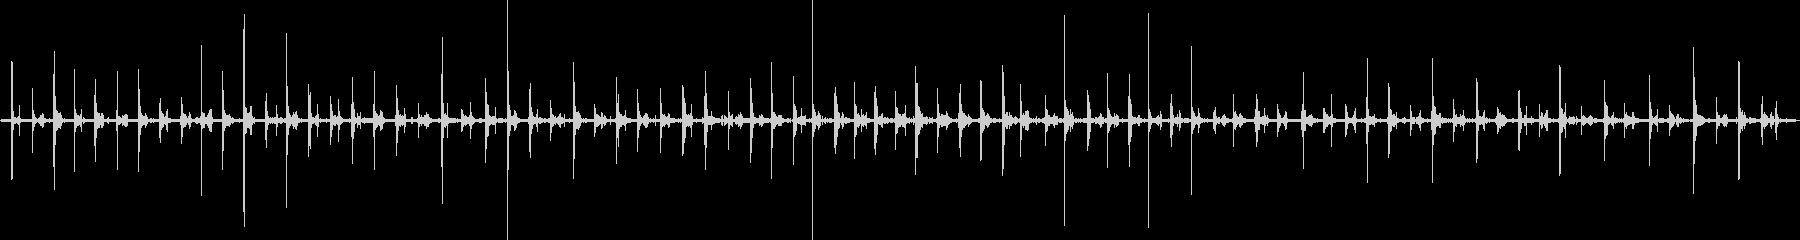 足音 女/歩く1パンプス+コンクリートの未再生の波形